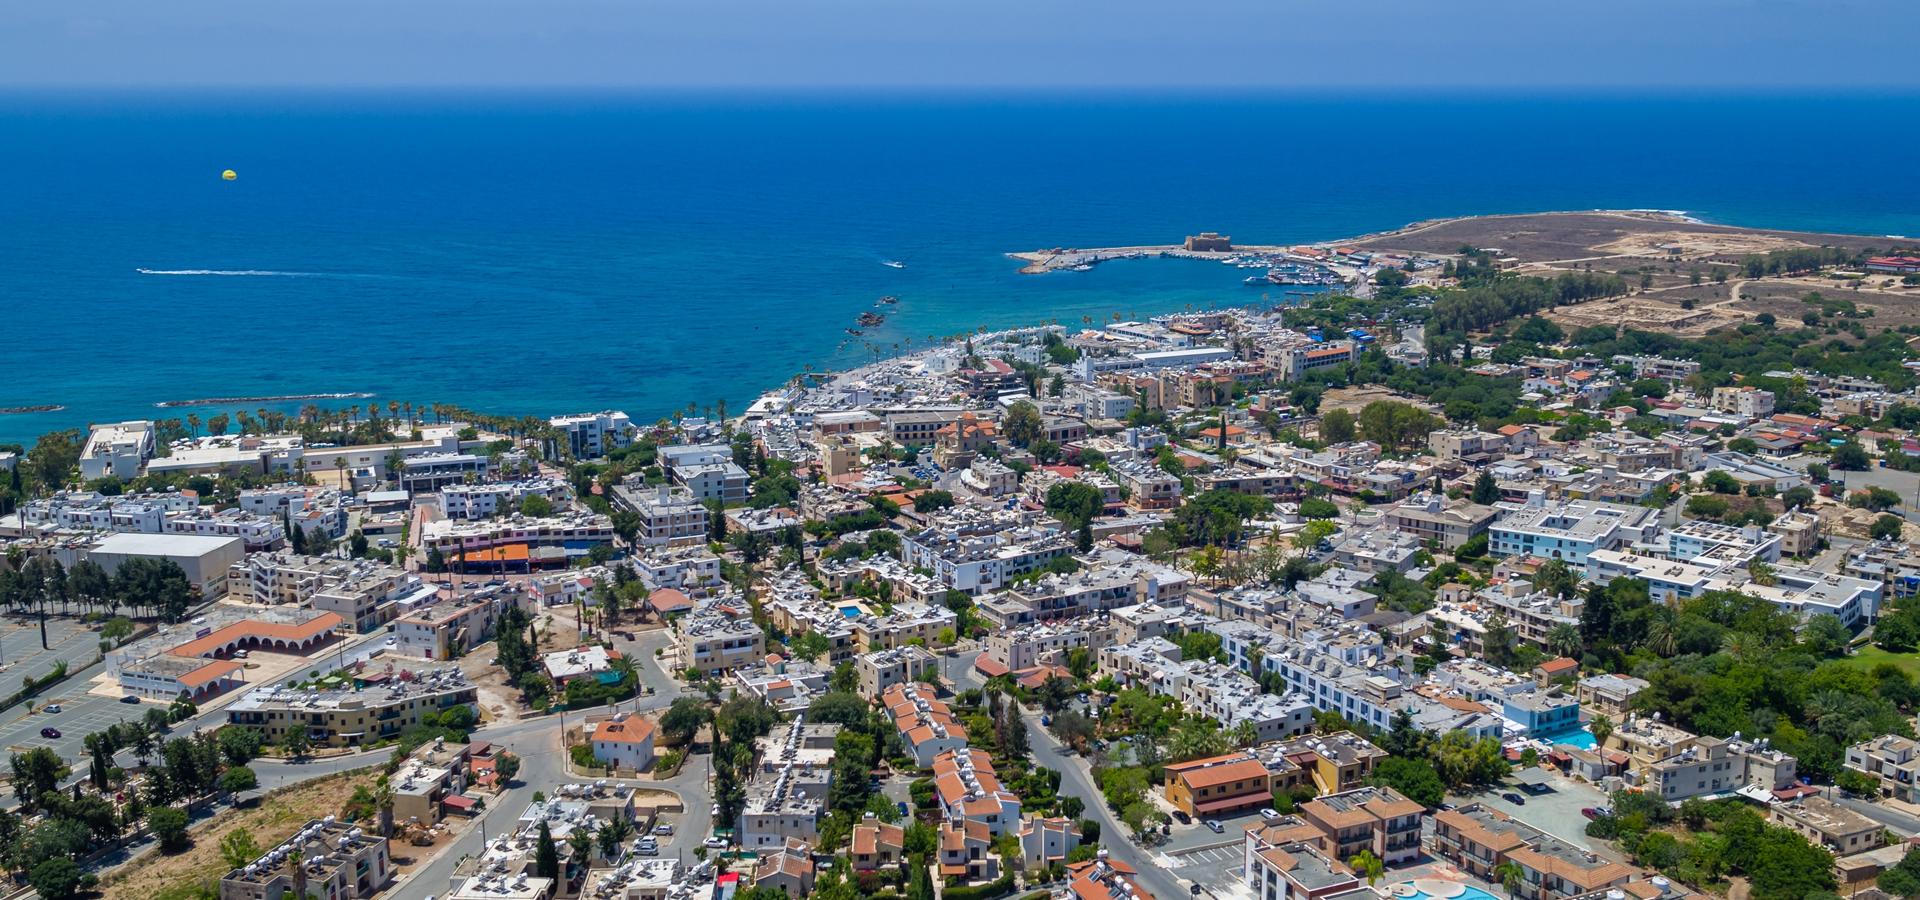 Peer-to-peer advisory in Limassol, Cyprus